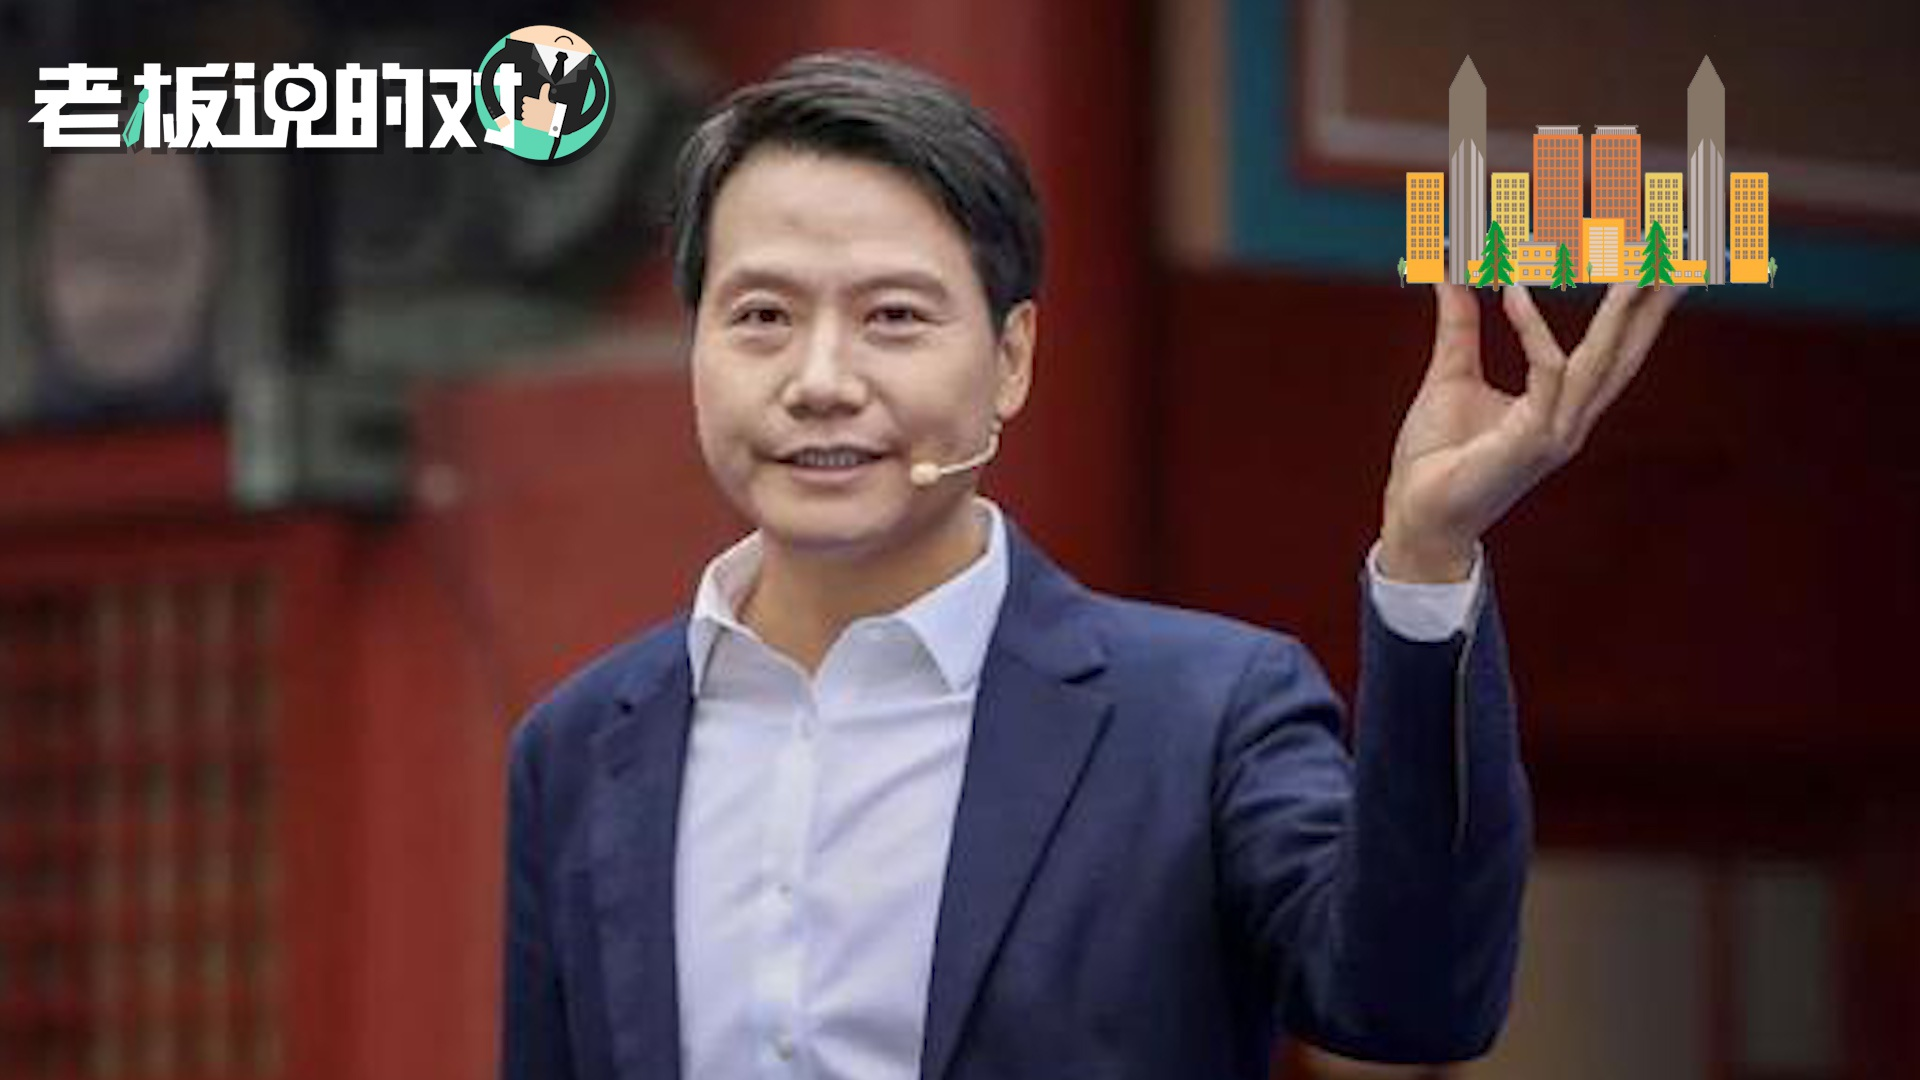 """60秒梳理:小米CEO雷军到底有多少钱?身家等于""""1.5个刘强东"""""""